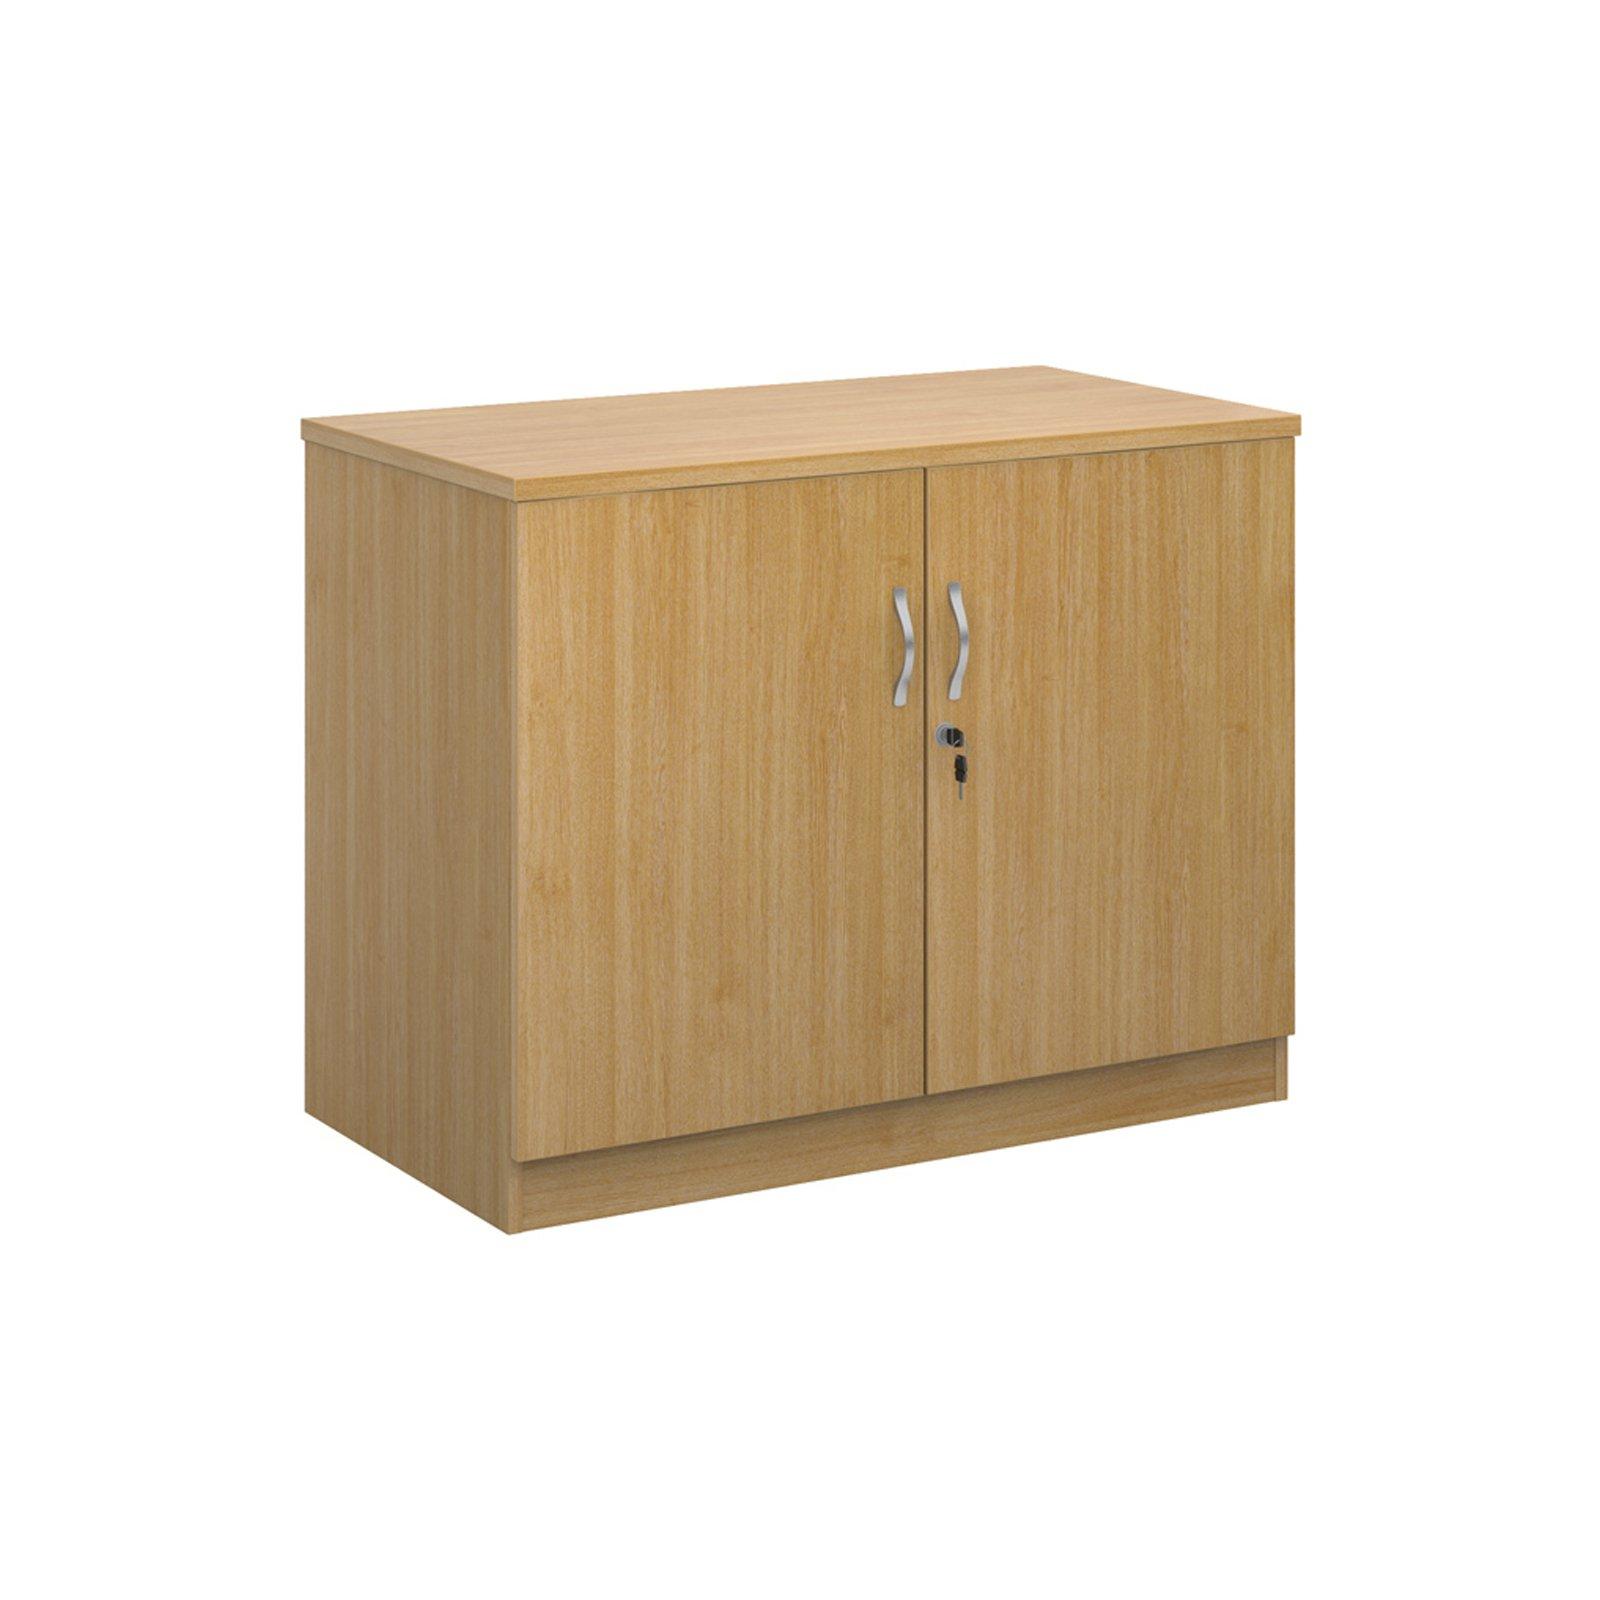 Deluxe double door cupboard 800mm high with 1 shelf - oak